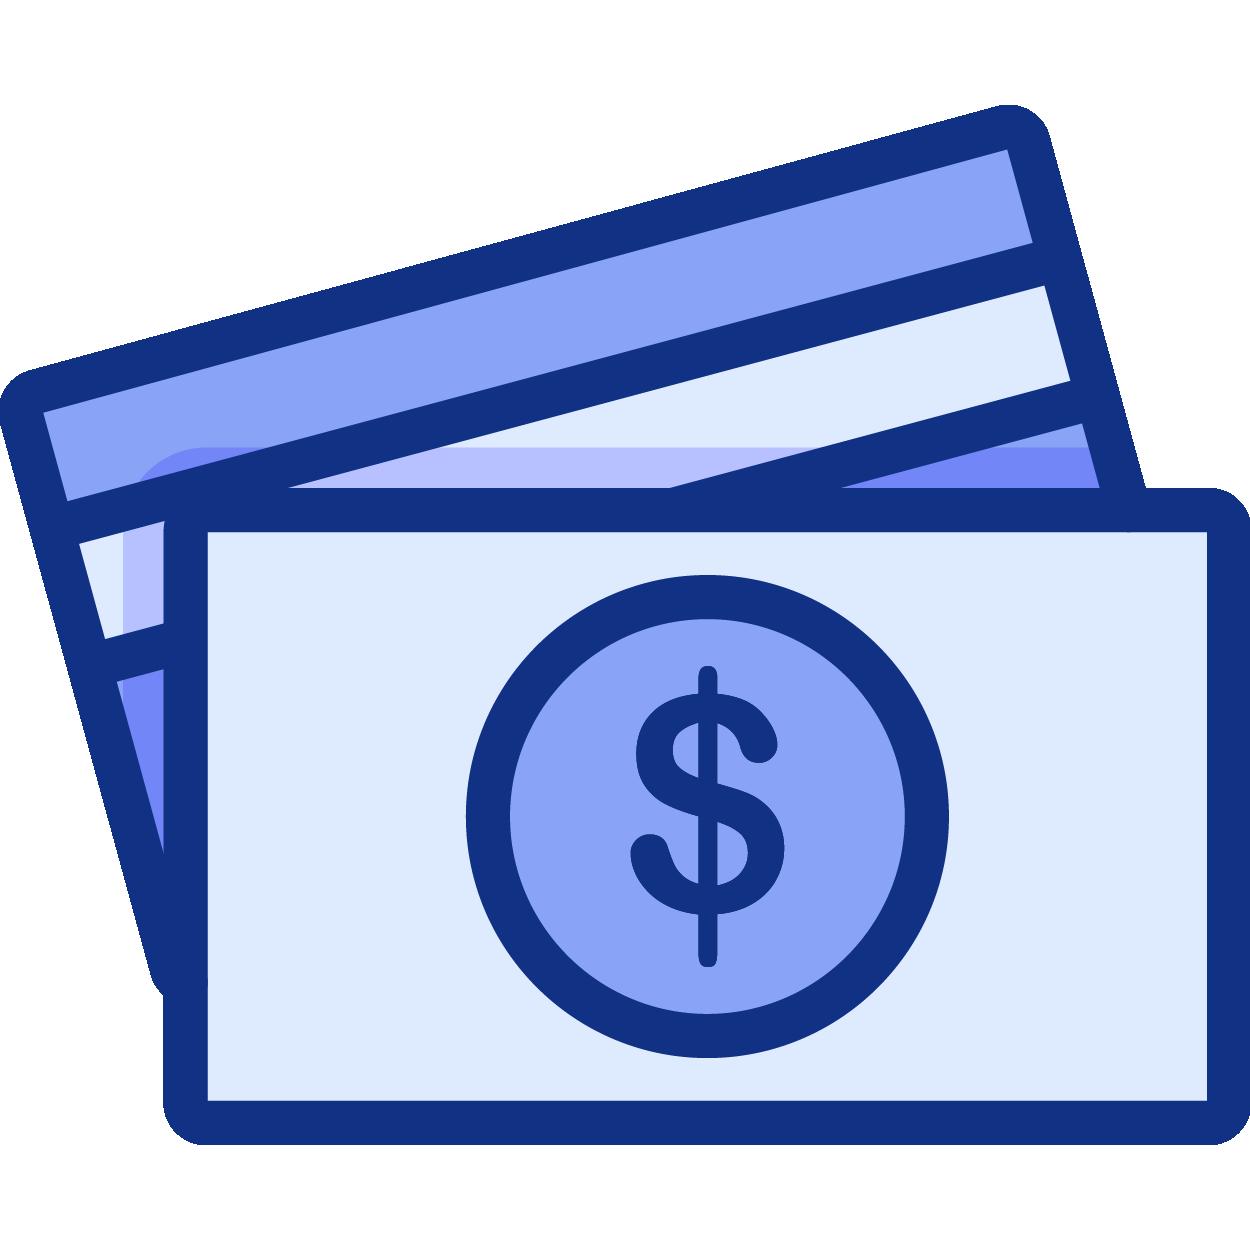 Zahlungsverkehr icon